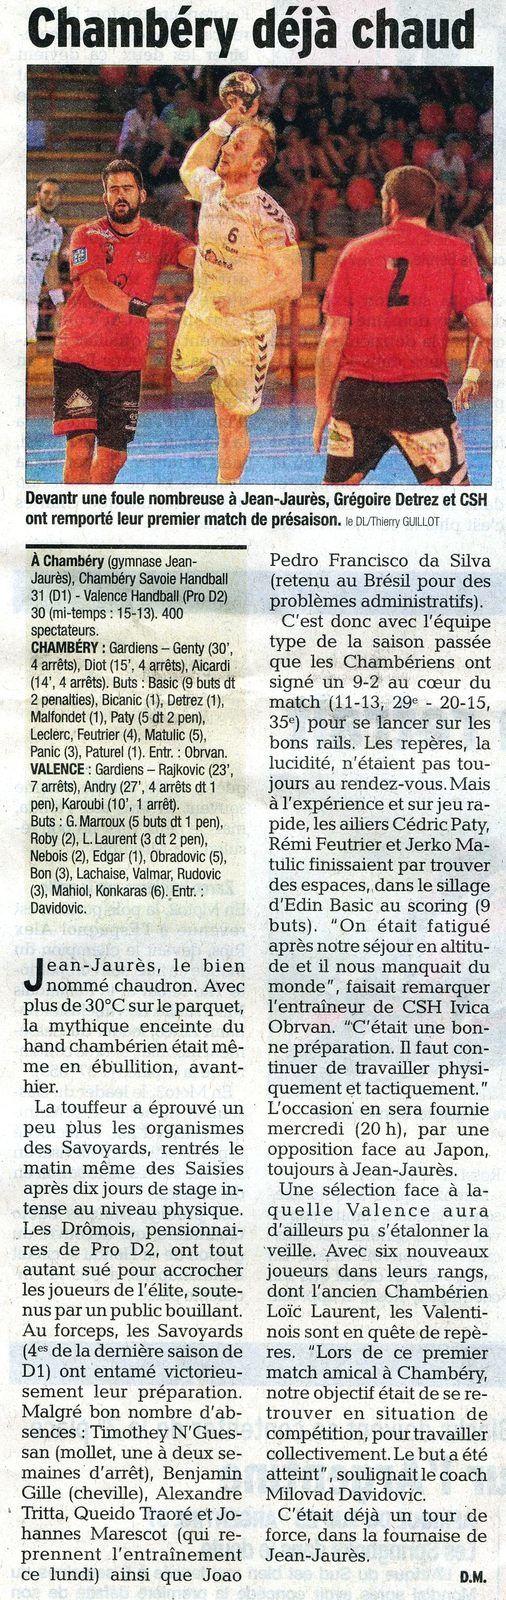 Dauphiné Libéré du dimanche 9 août 2015 / David Magnat